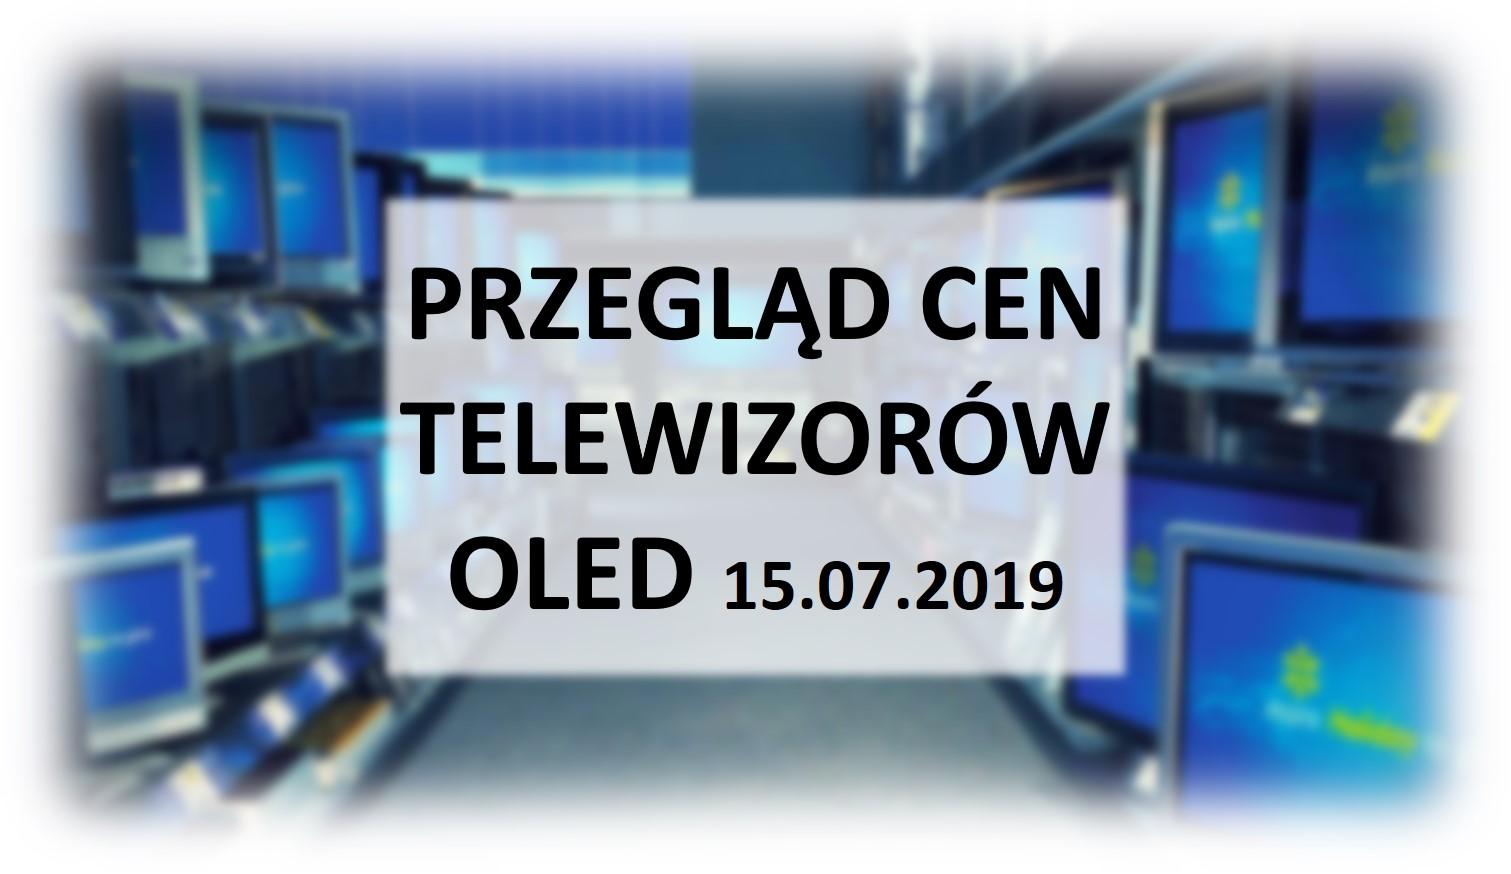 Przegląd cen telewizorów OLED | 15 LIPCA 2019 |